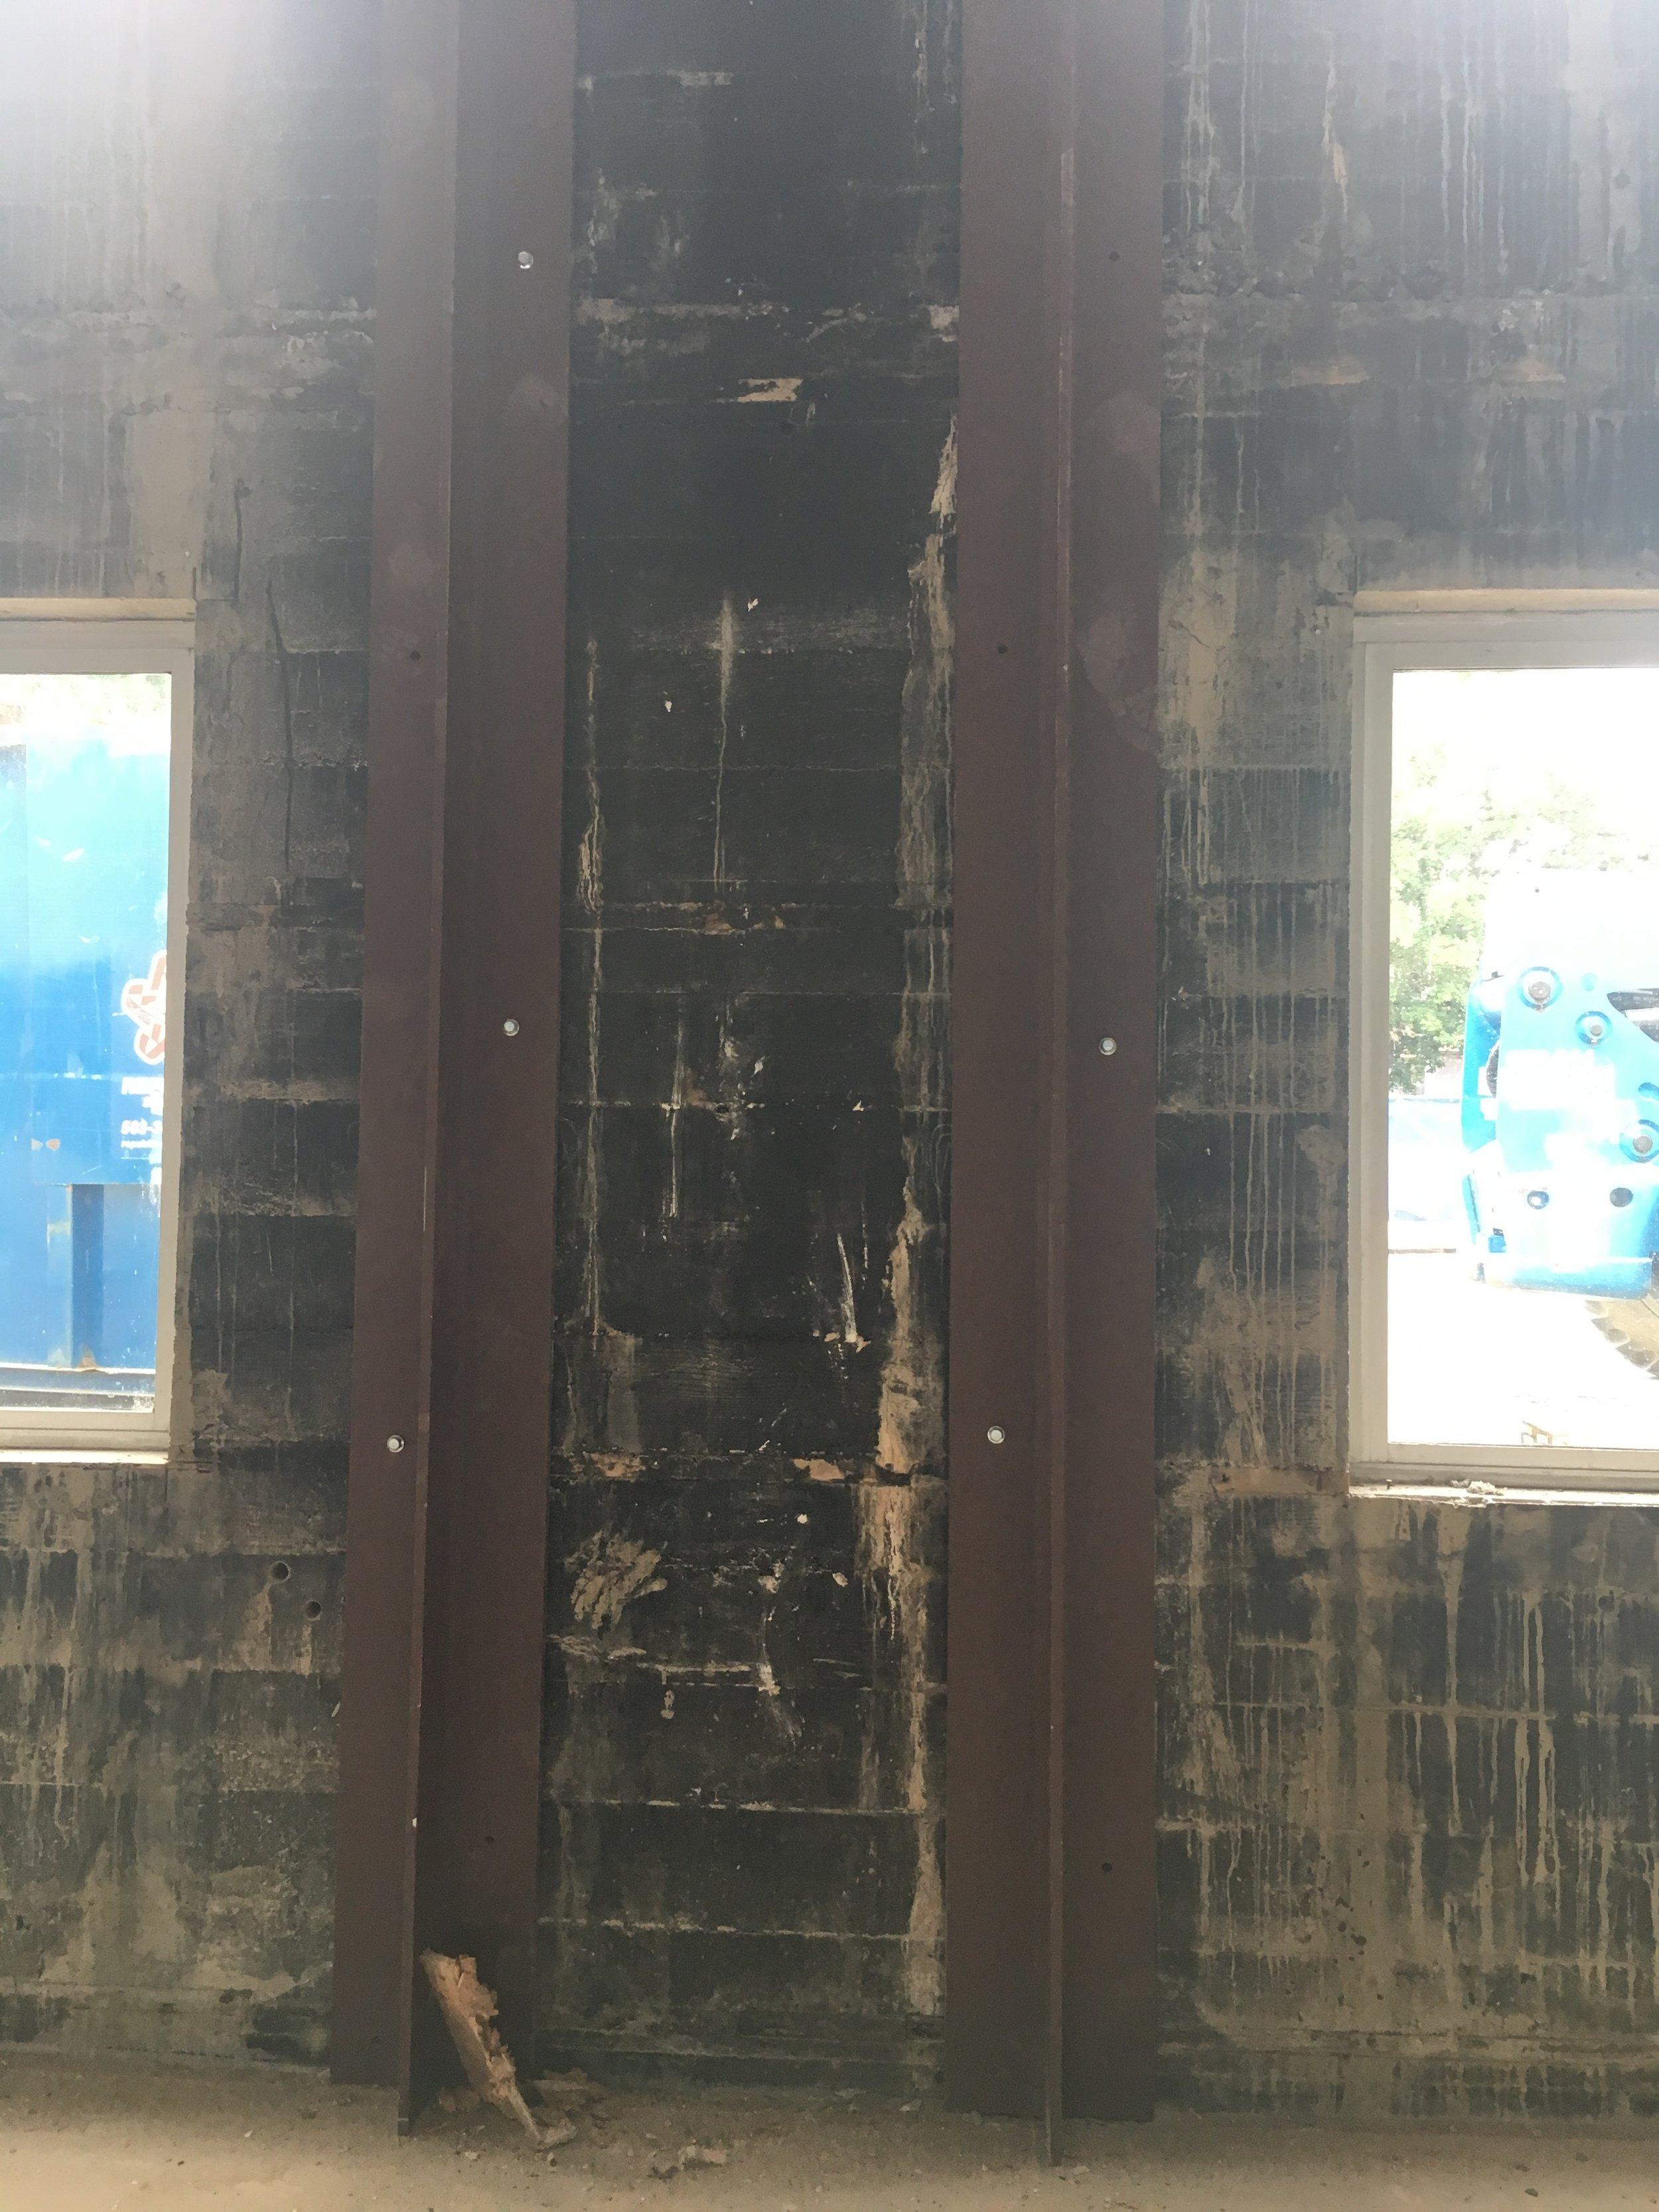 Seismic upgrade steel beams - June 19, 2019